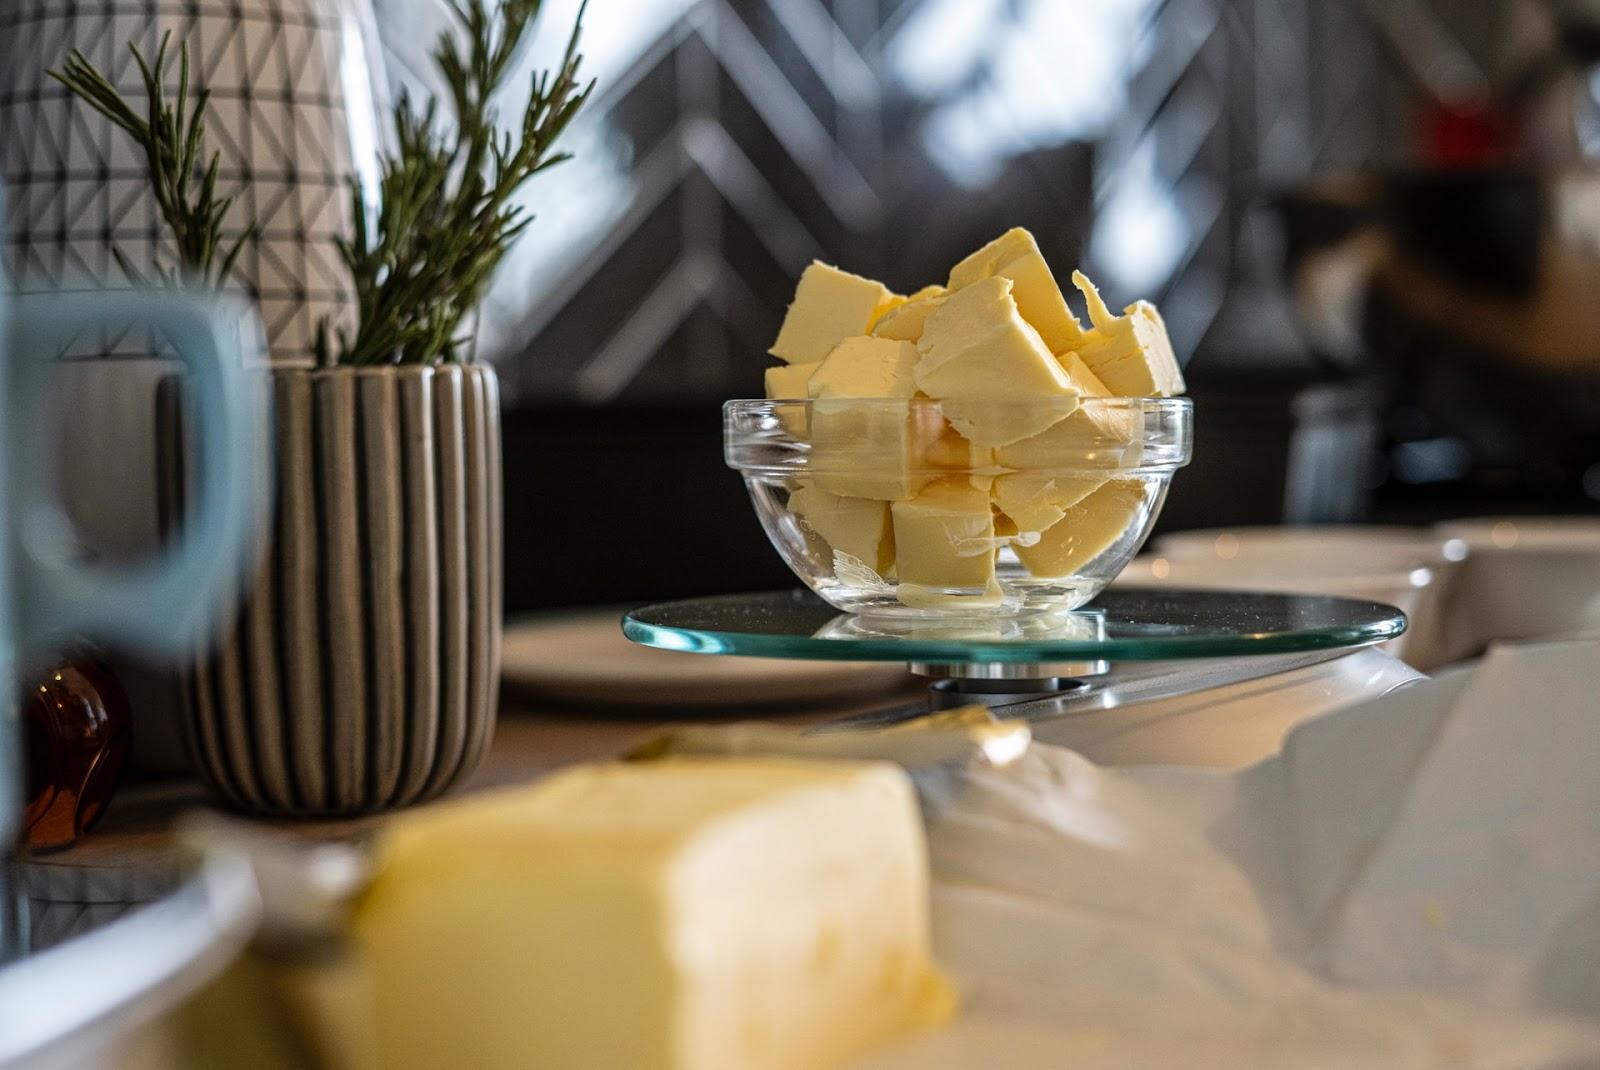 Kann Margarine schlecht werden?